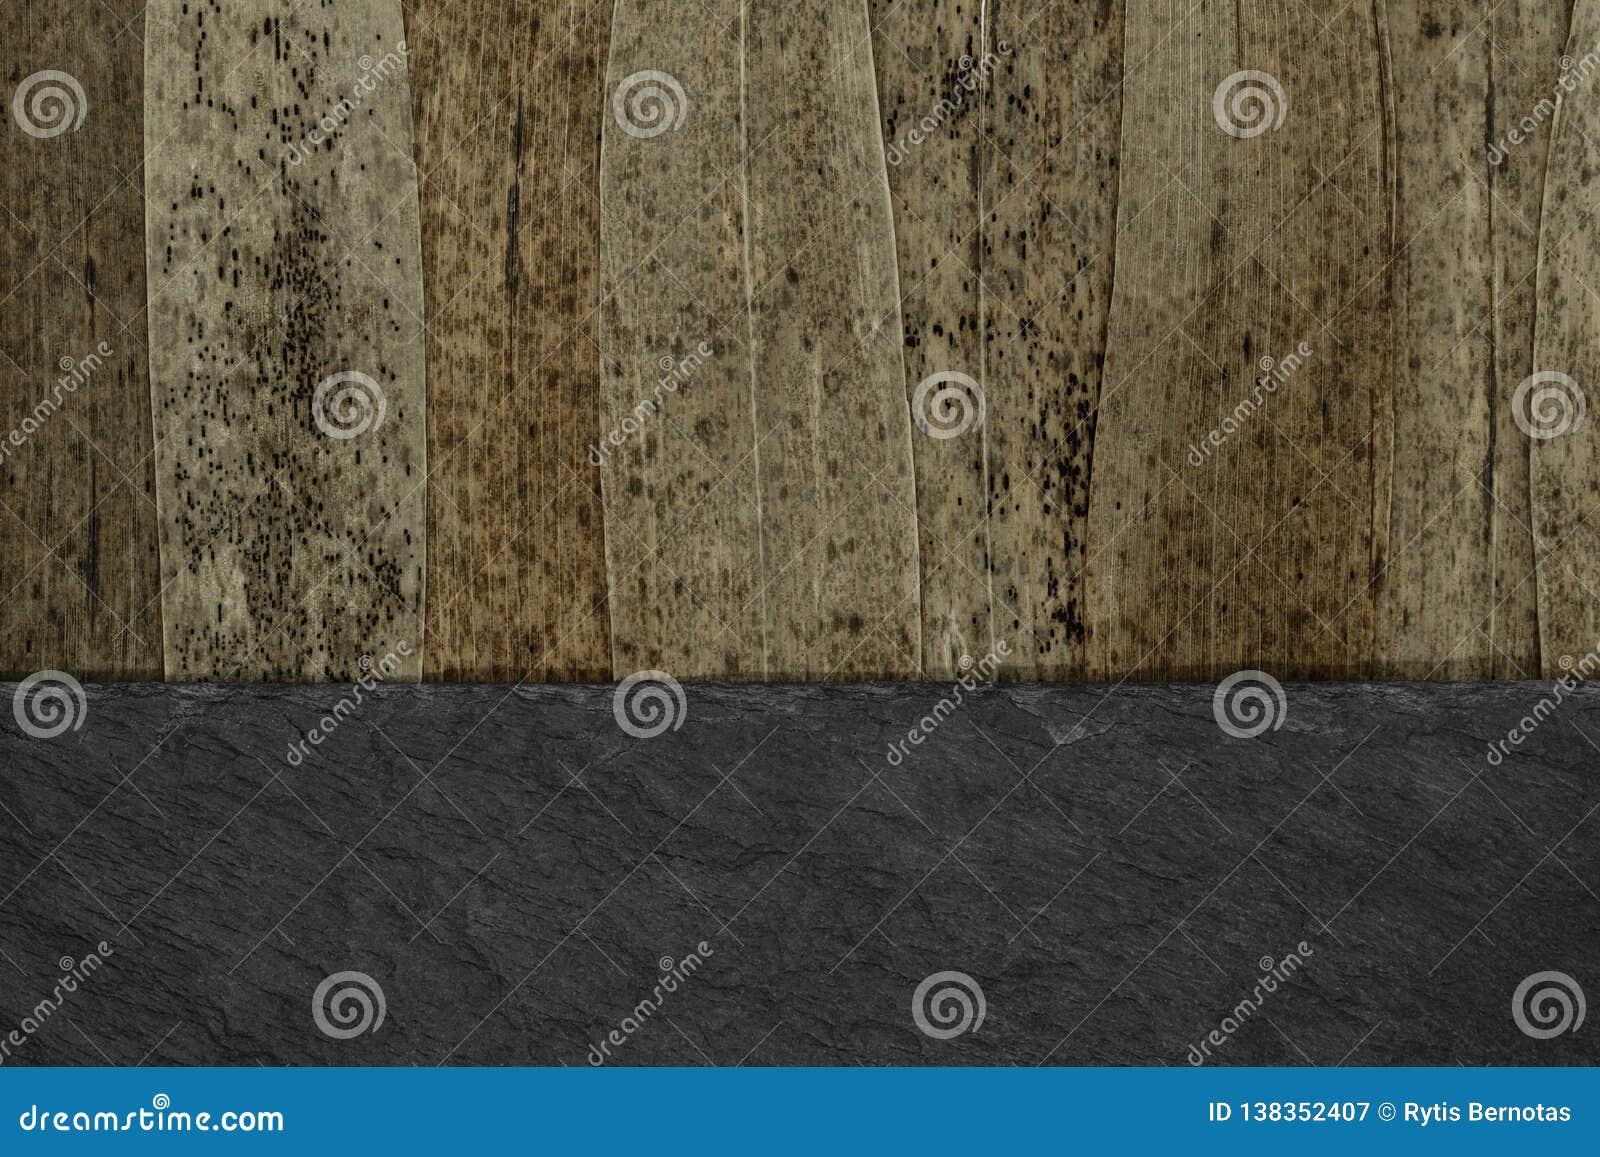 Το αφηρημένο υπόβαθρο χώρισε στο μισό των καφετιών ξηρών φύλλων καλάμων με τα μαύρα σημεία και το μαύρο υπόβαθρο πετρών